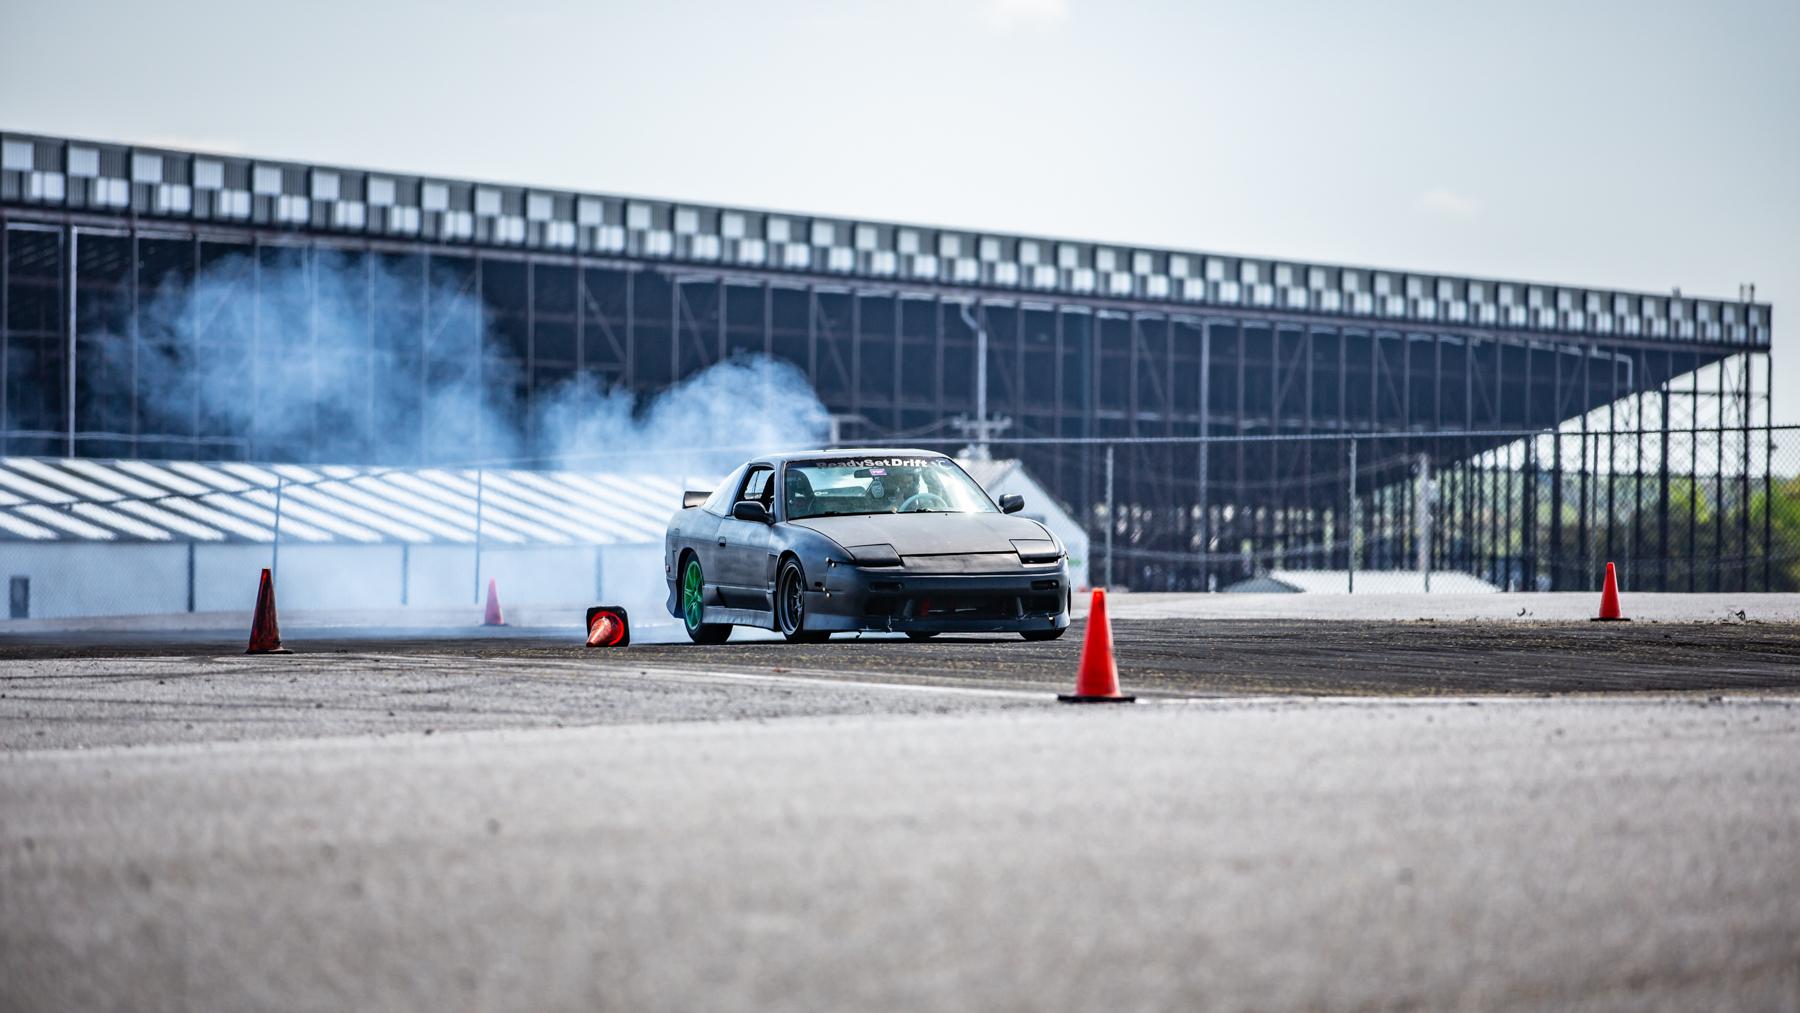 Drift-6941